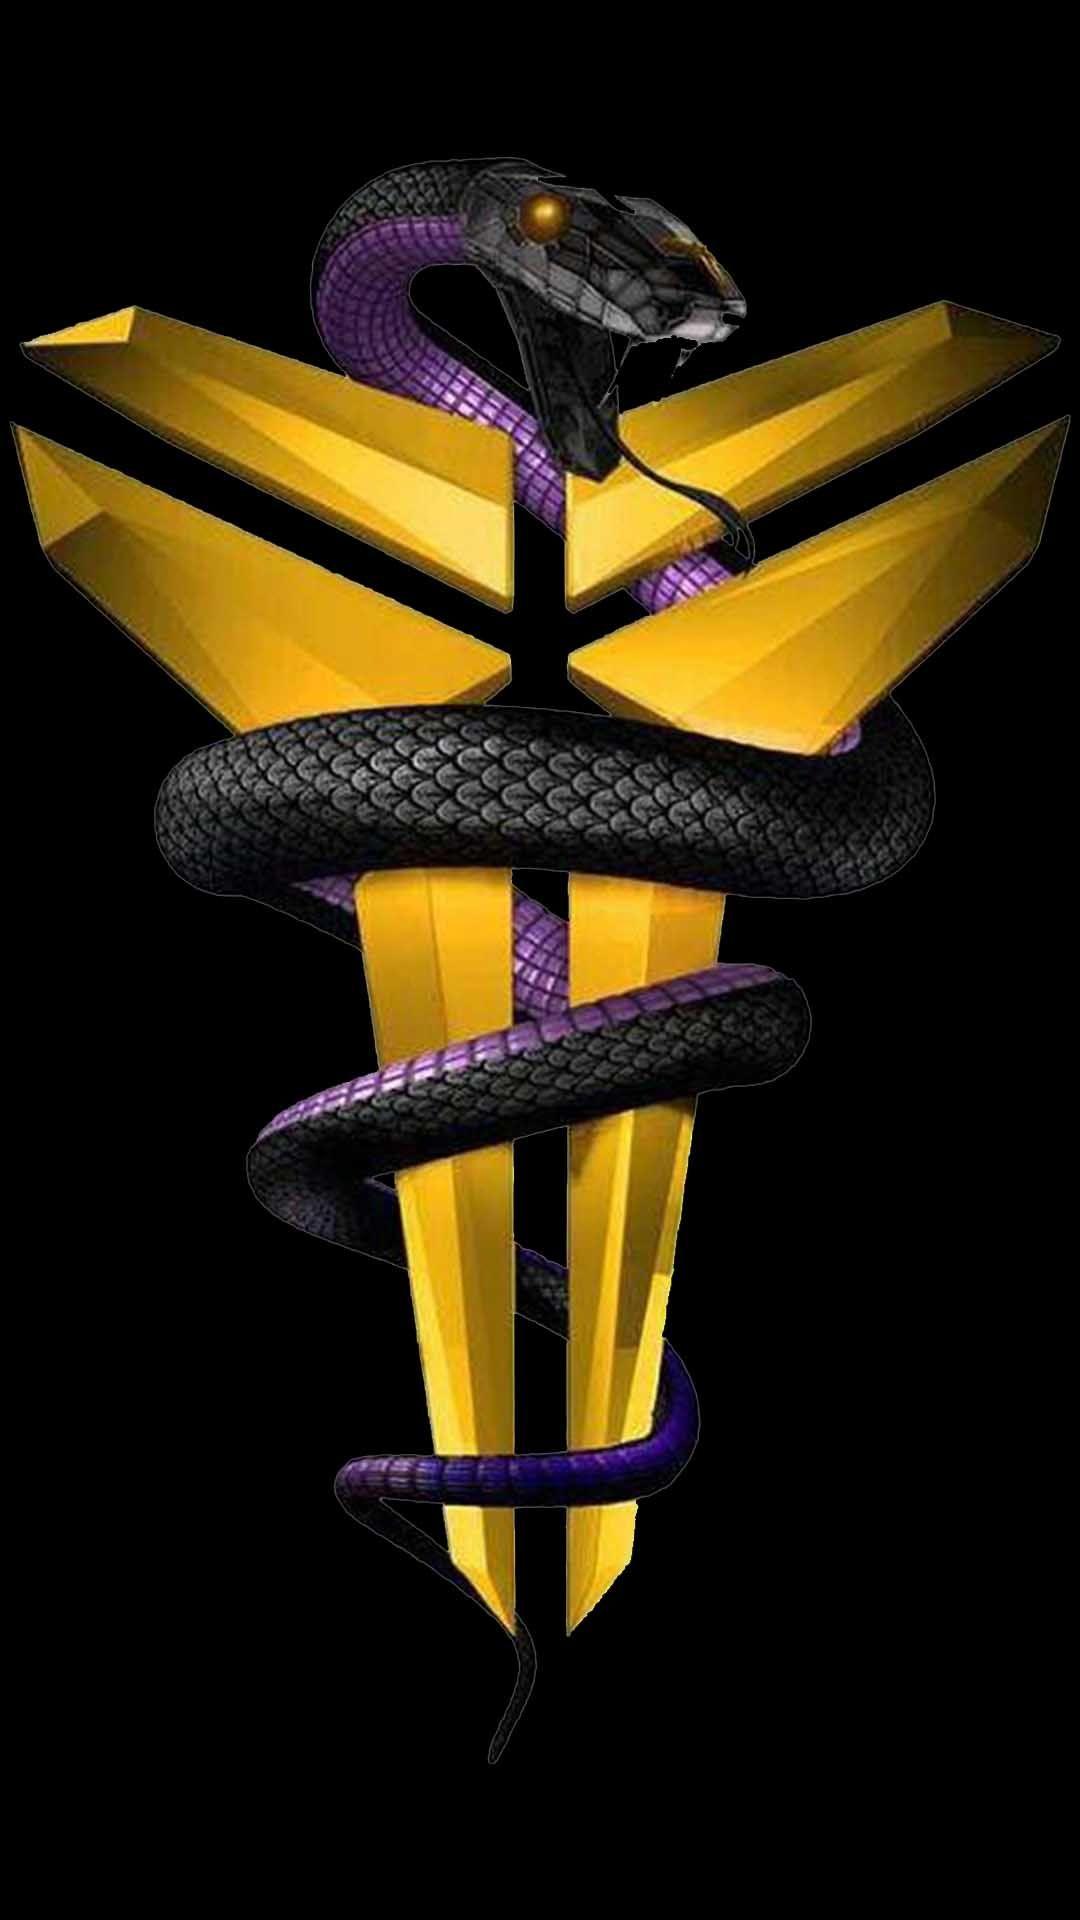 Oboi Dlya Telefona Kobe Bryant Wallpaper Kobe Bryant Tattoos Lakers Kobe Bryant